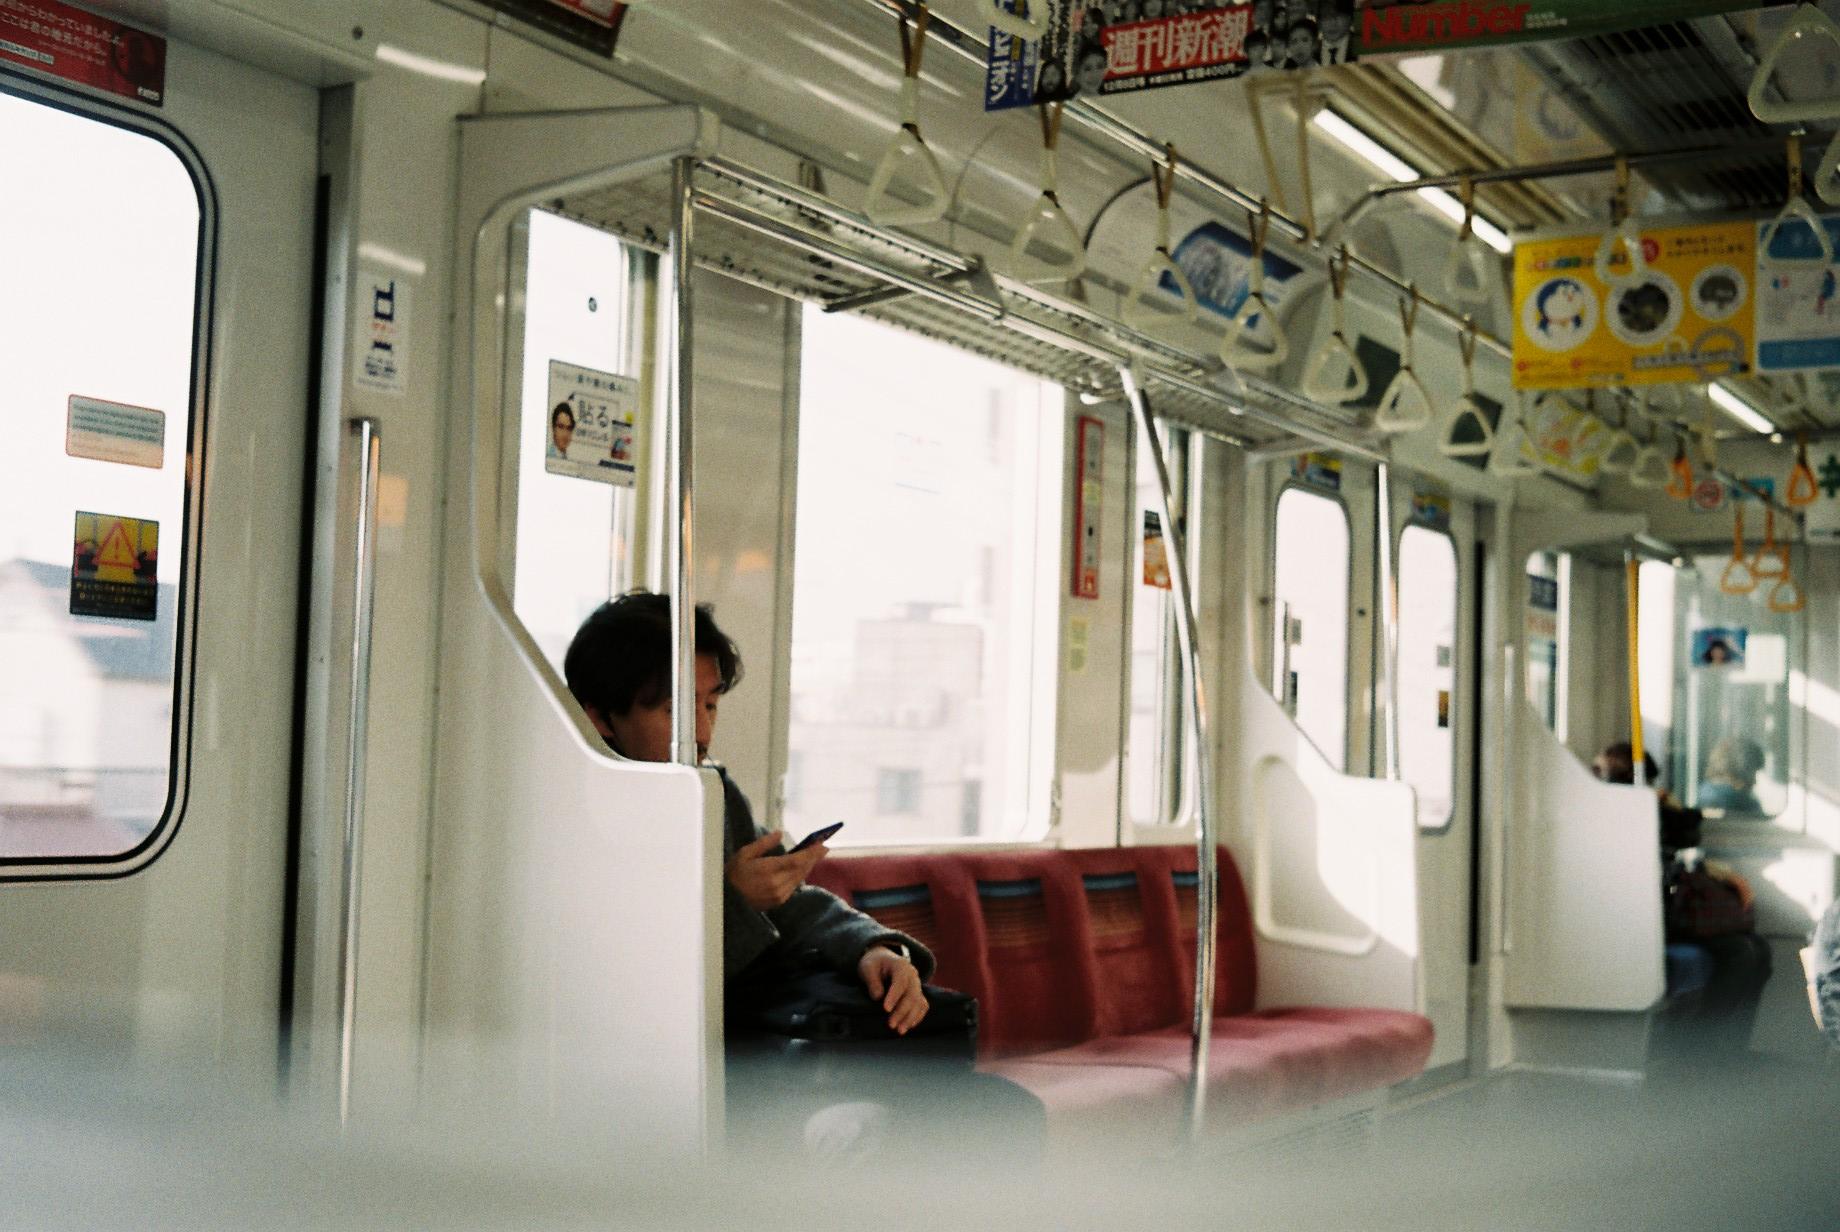 09-JAPON-numerique-Tokyo-decembre-2016-0018.JPG